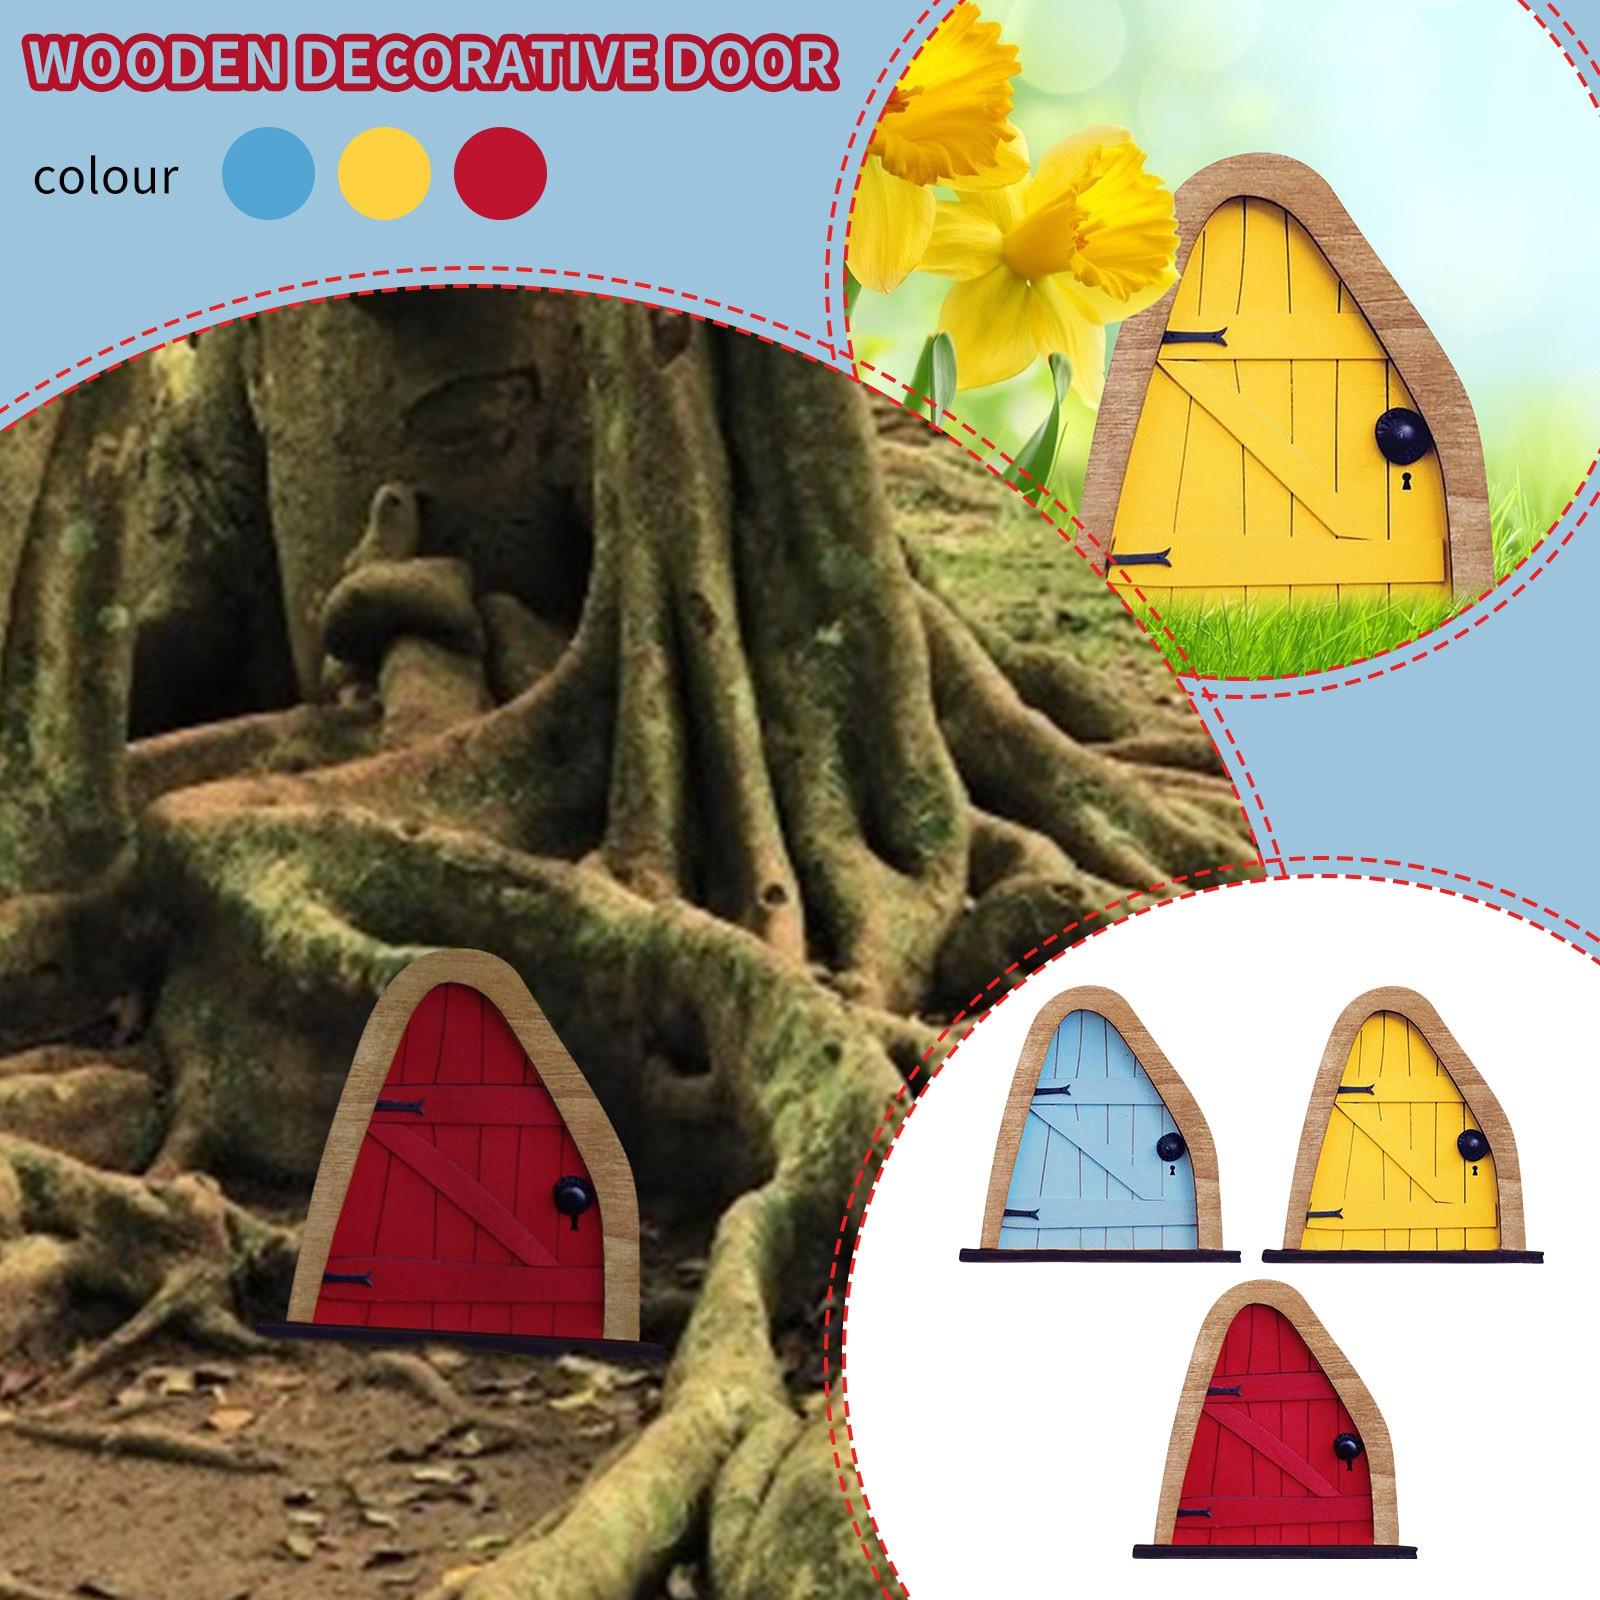 Dormir de 3D DIY decoración de la puerta de madera Kit para...